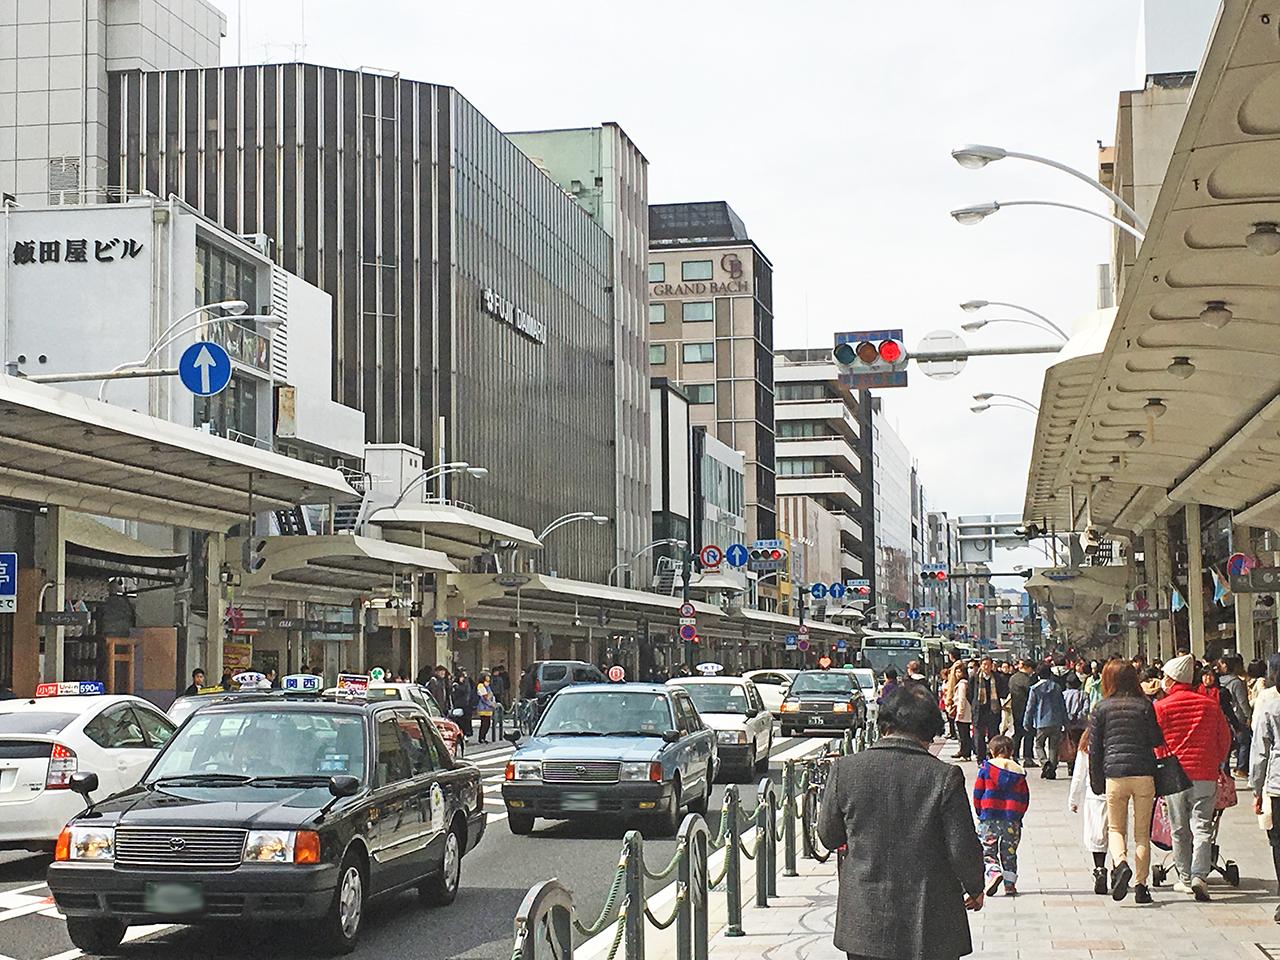 street shijo shijō dori kyoto wikipedia st